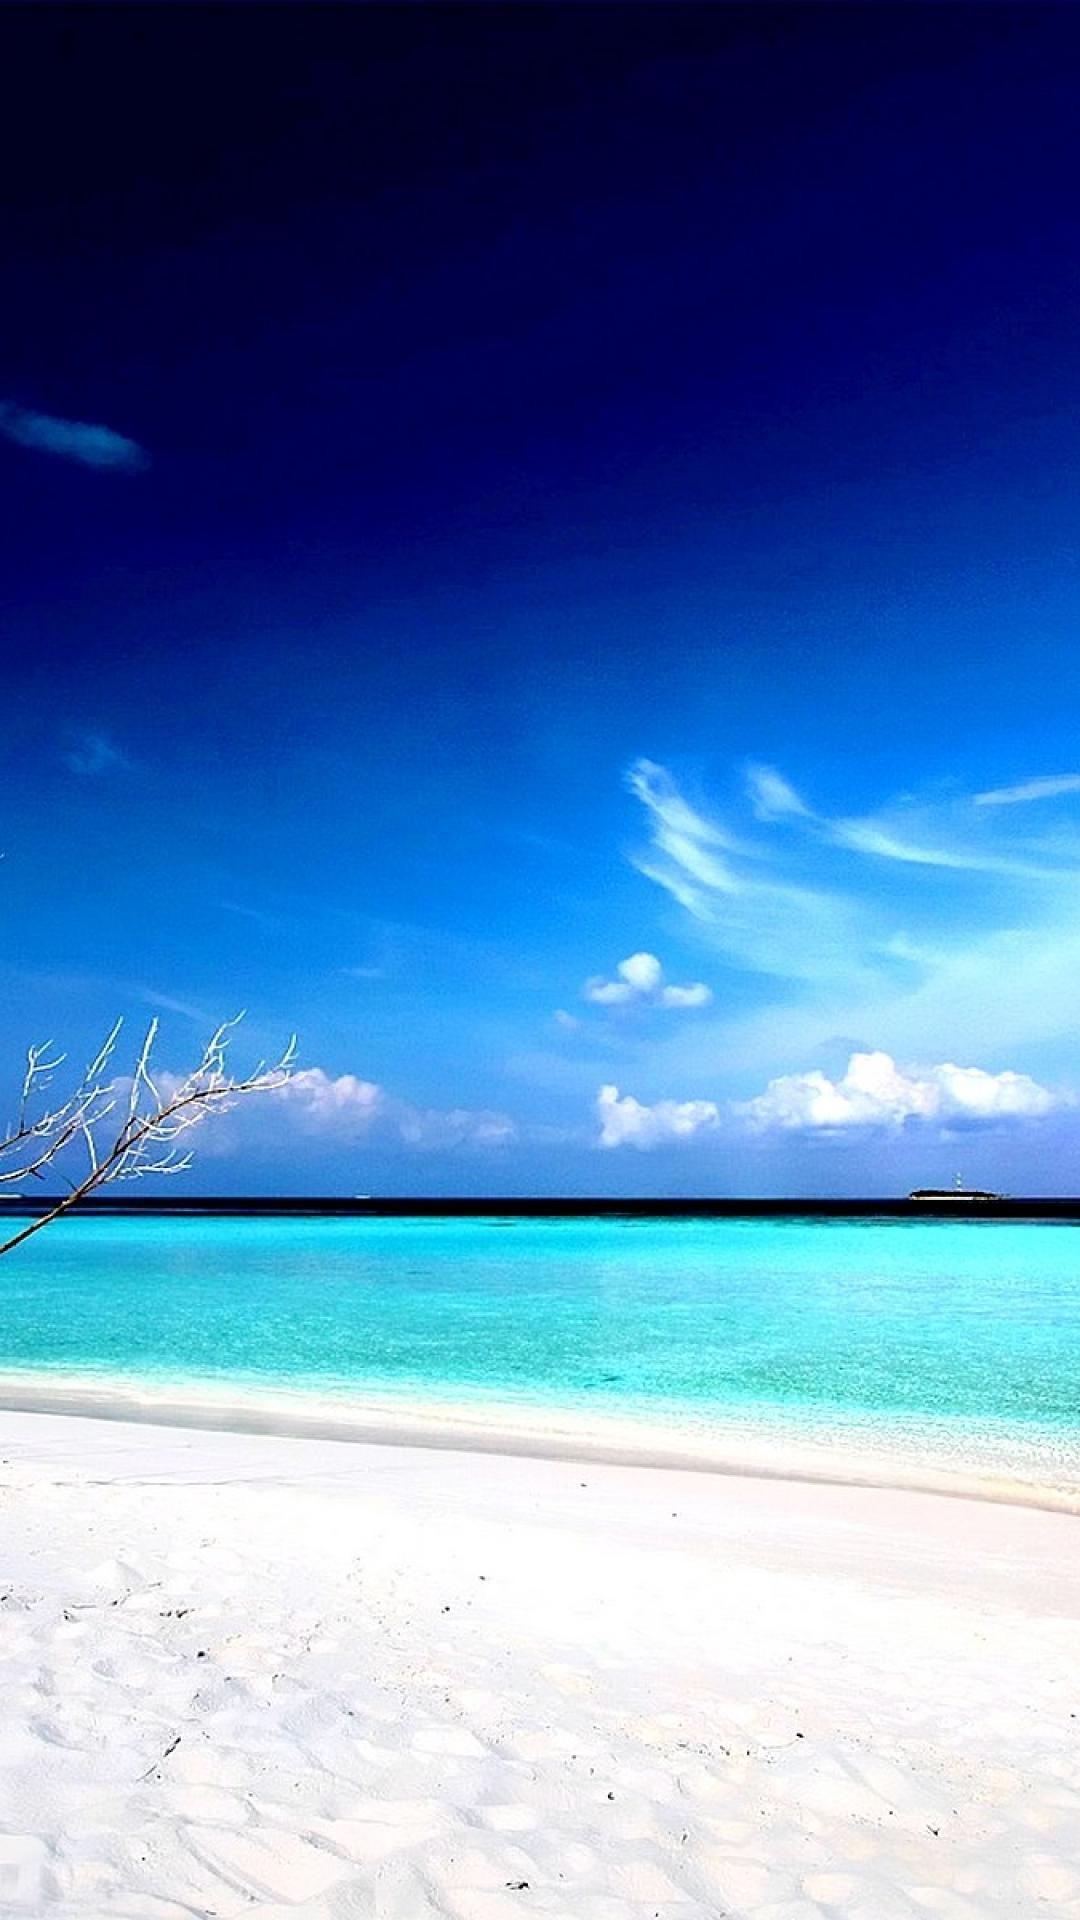 HD Beach iPhone Wallpaper.